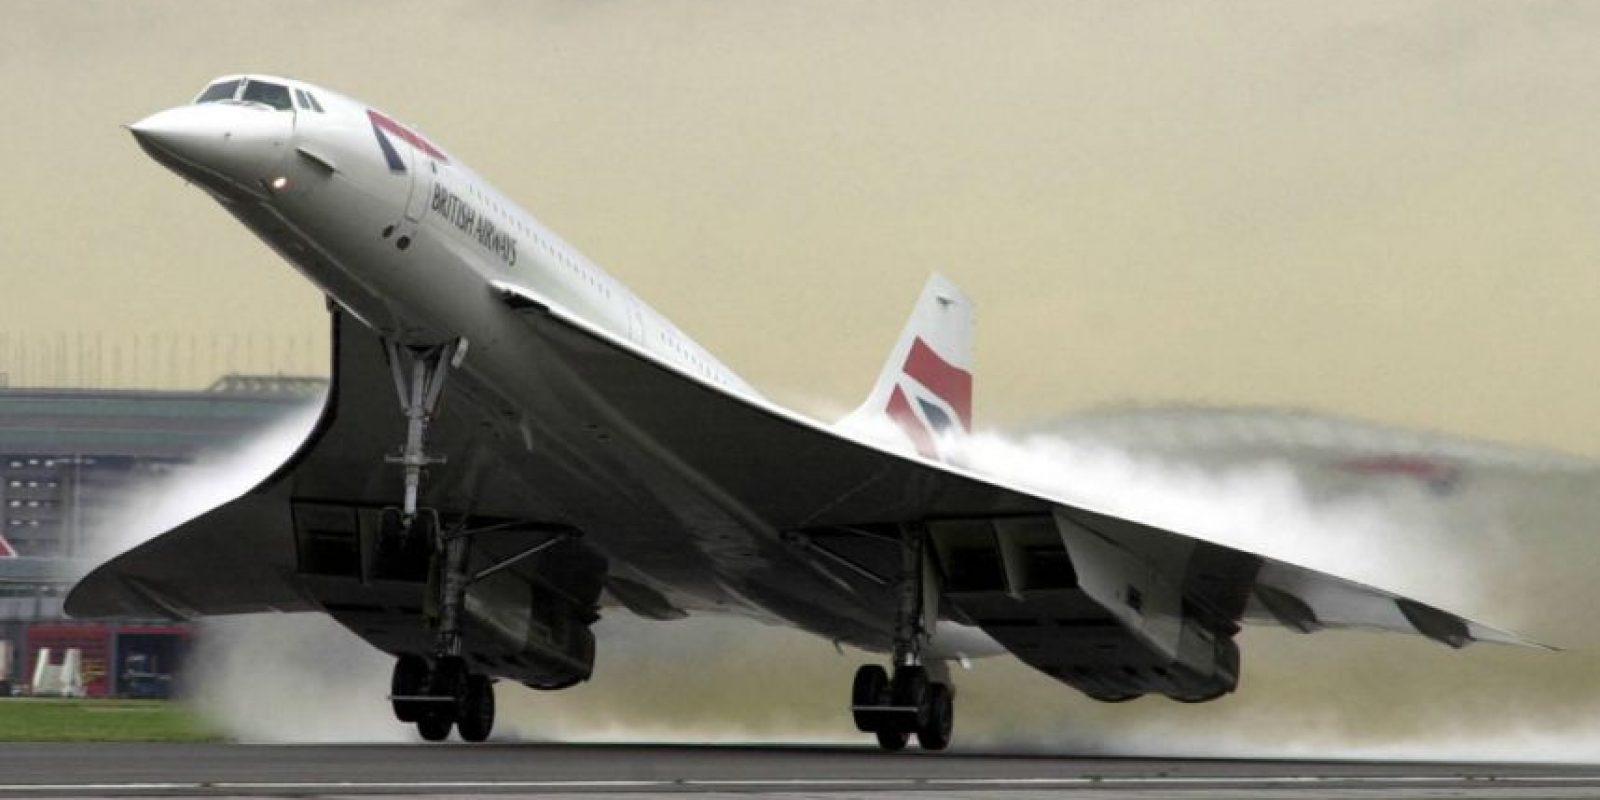 En 2003 los aviones Concorde dejaron de volar. Foto:Getty Images